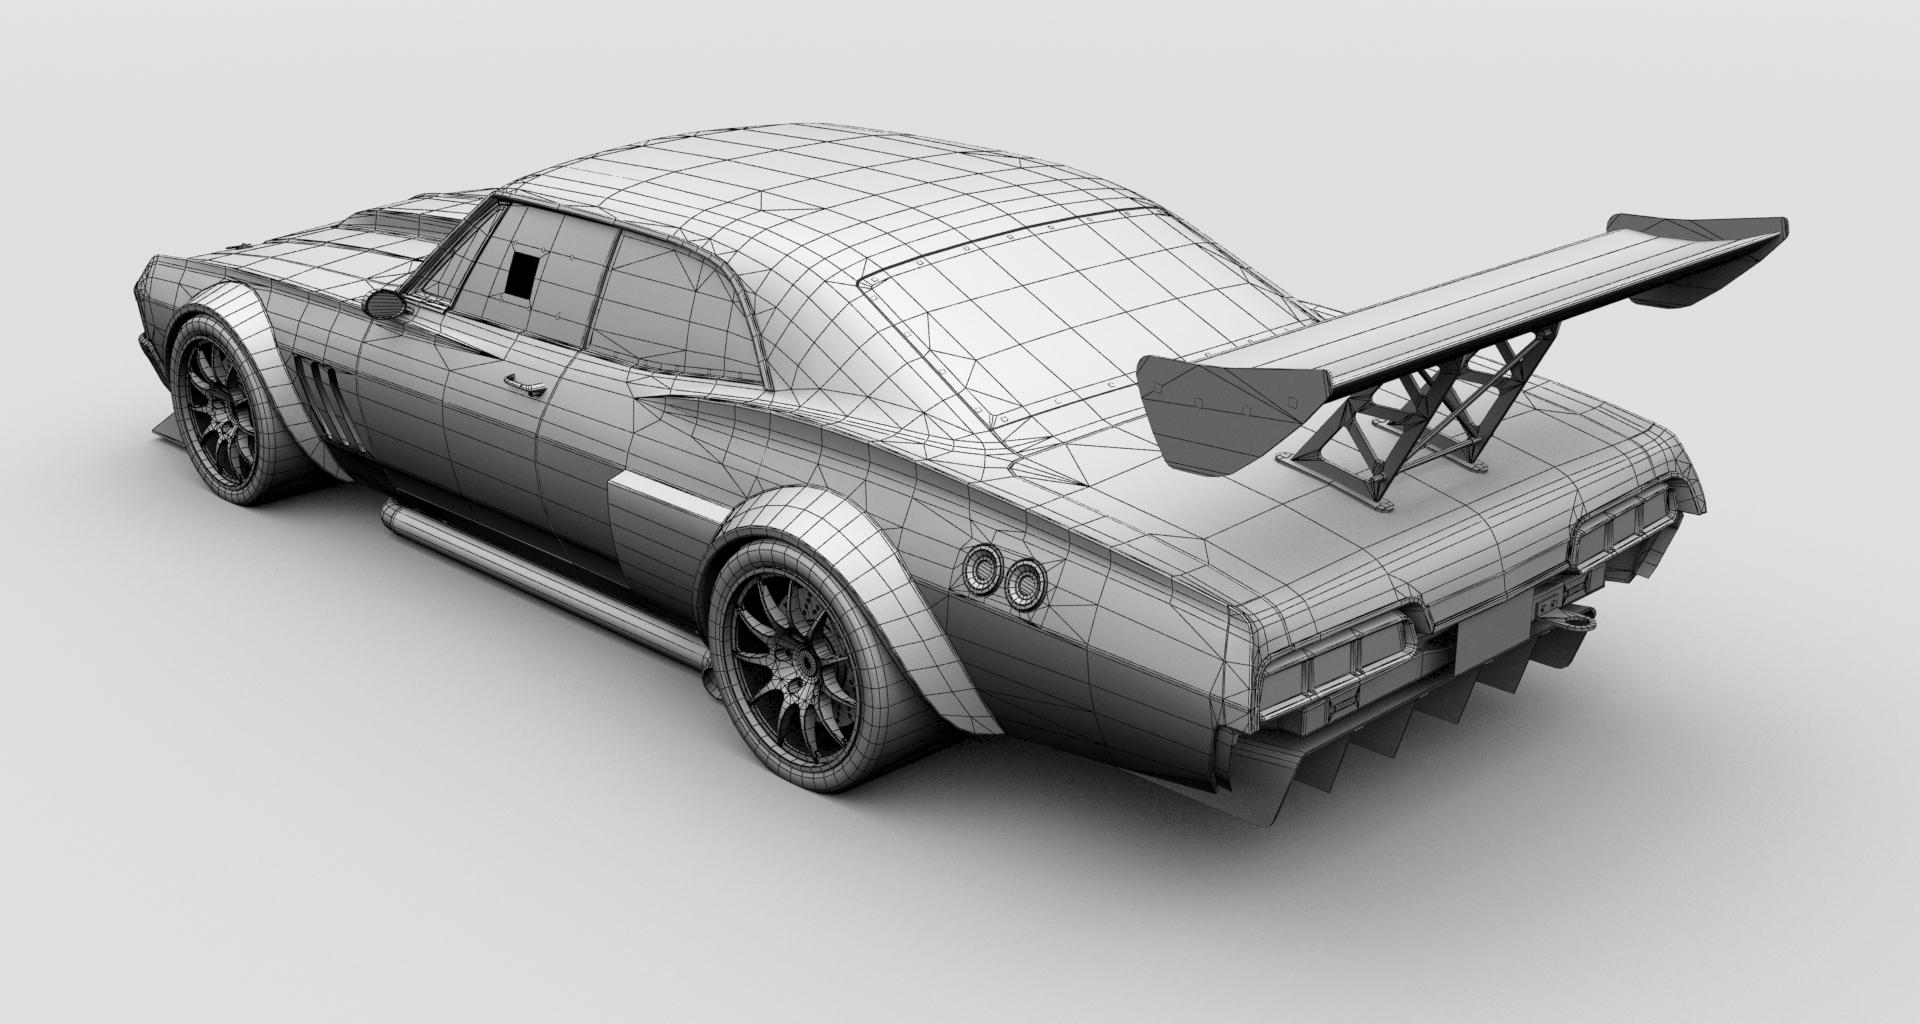 2013-03_The Crew_F.Beudin_Chevrolet Impala-1967-Racing_AO-Rear